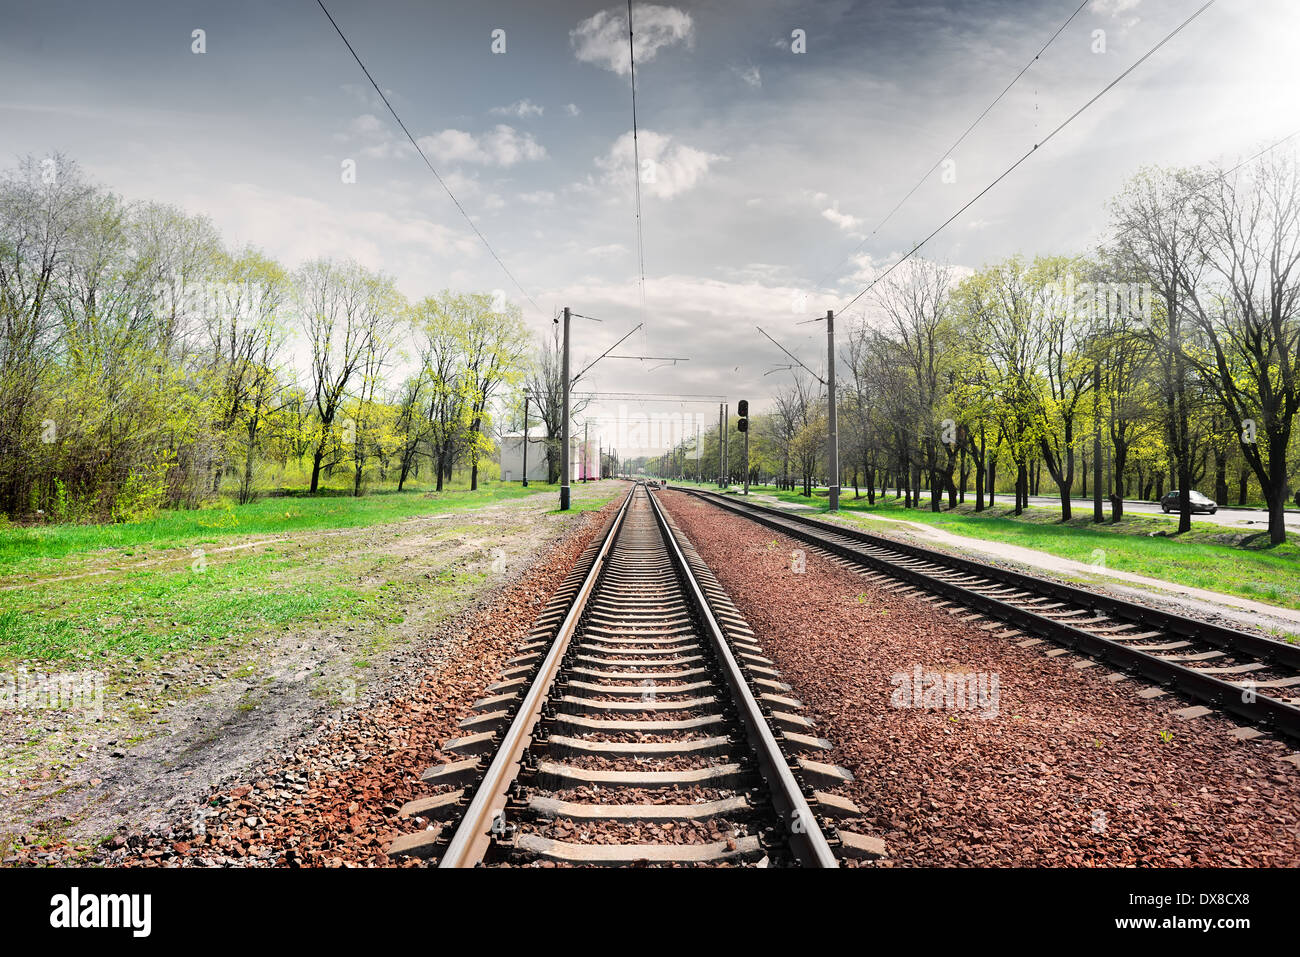 Gris cielo nublado por ferrocarril en primavera Imagen De Stock